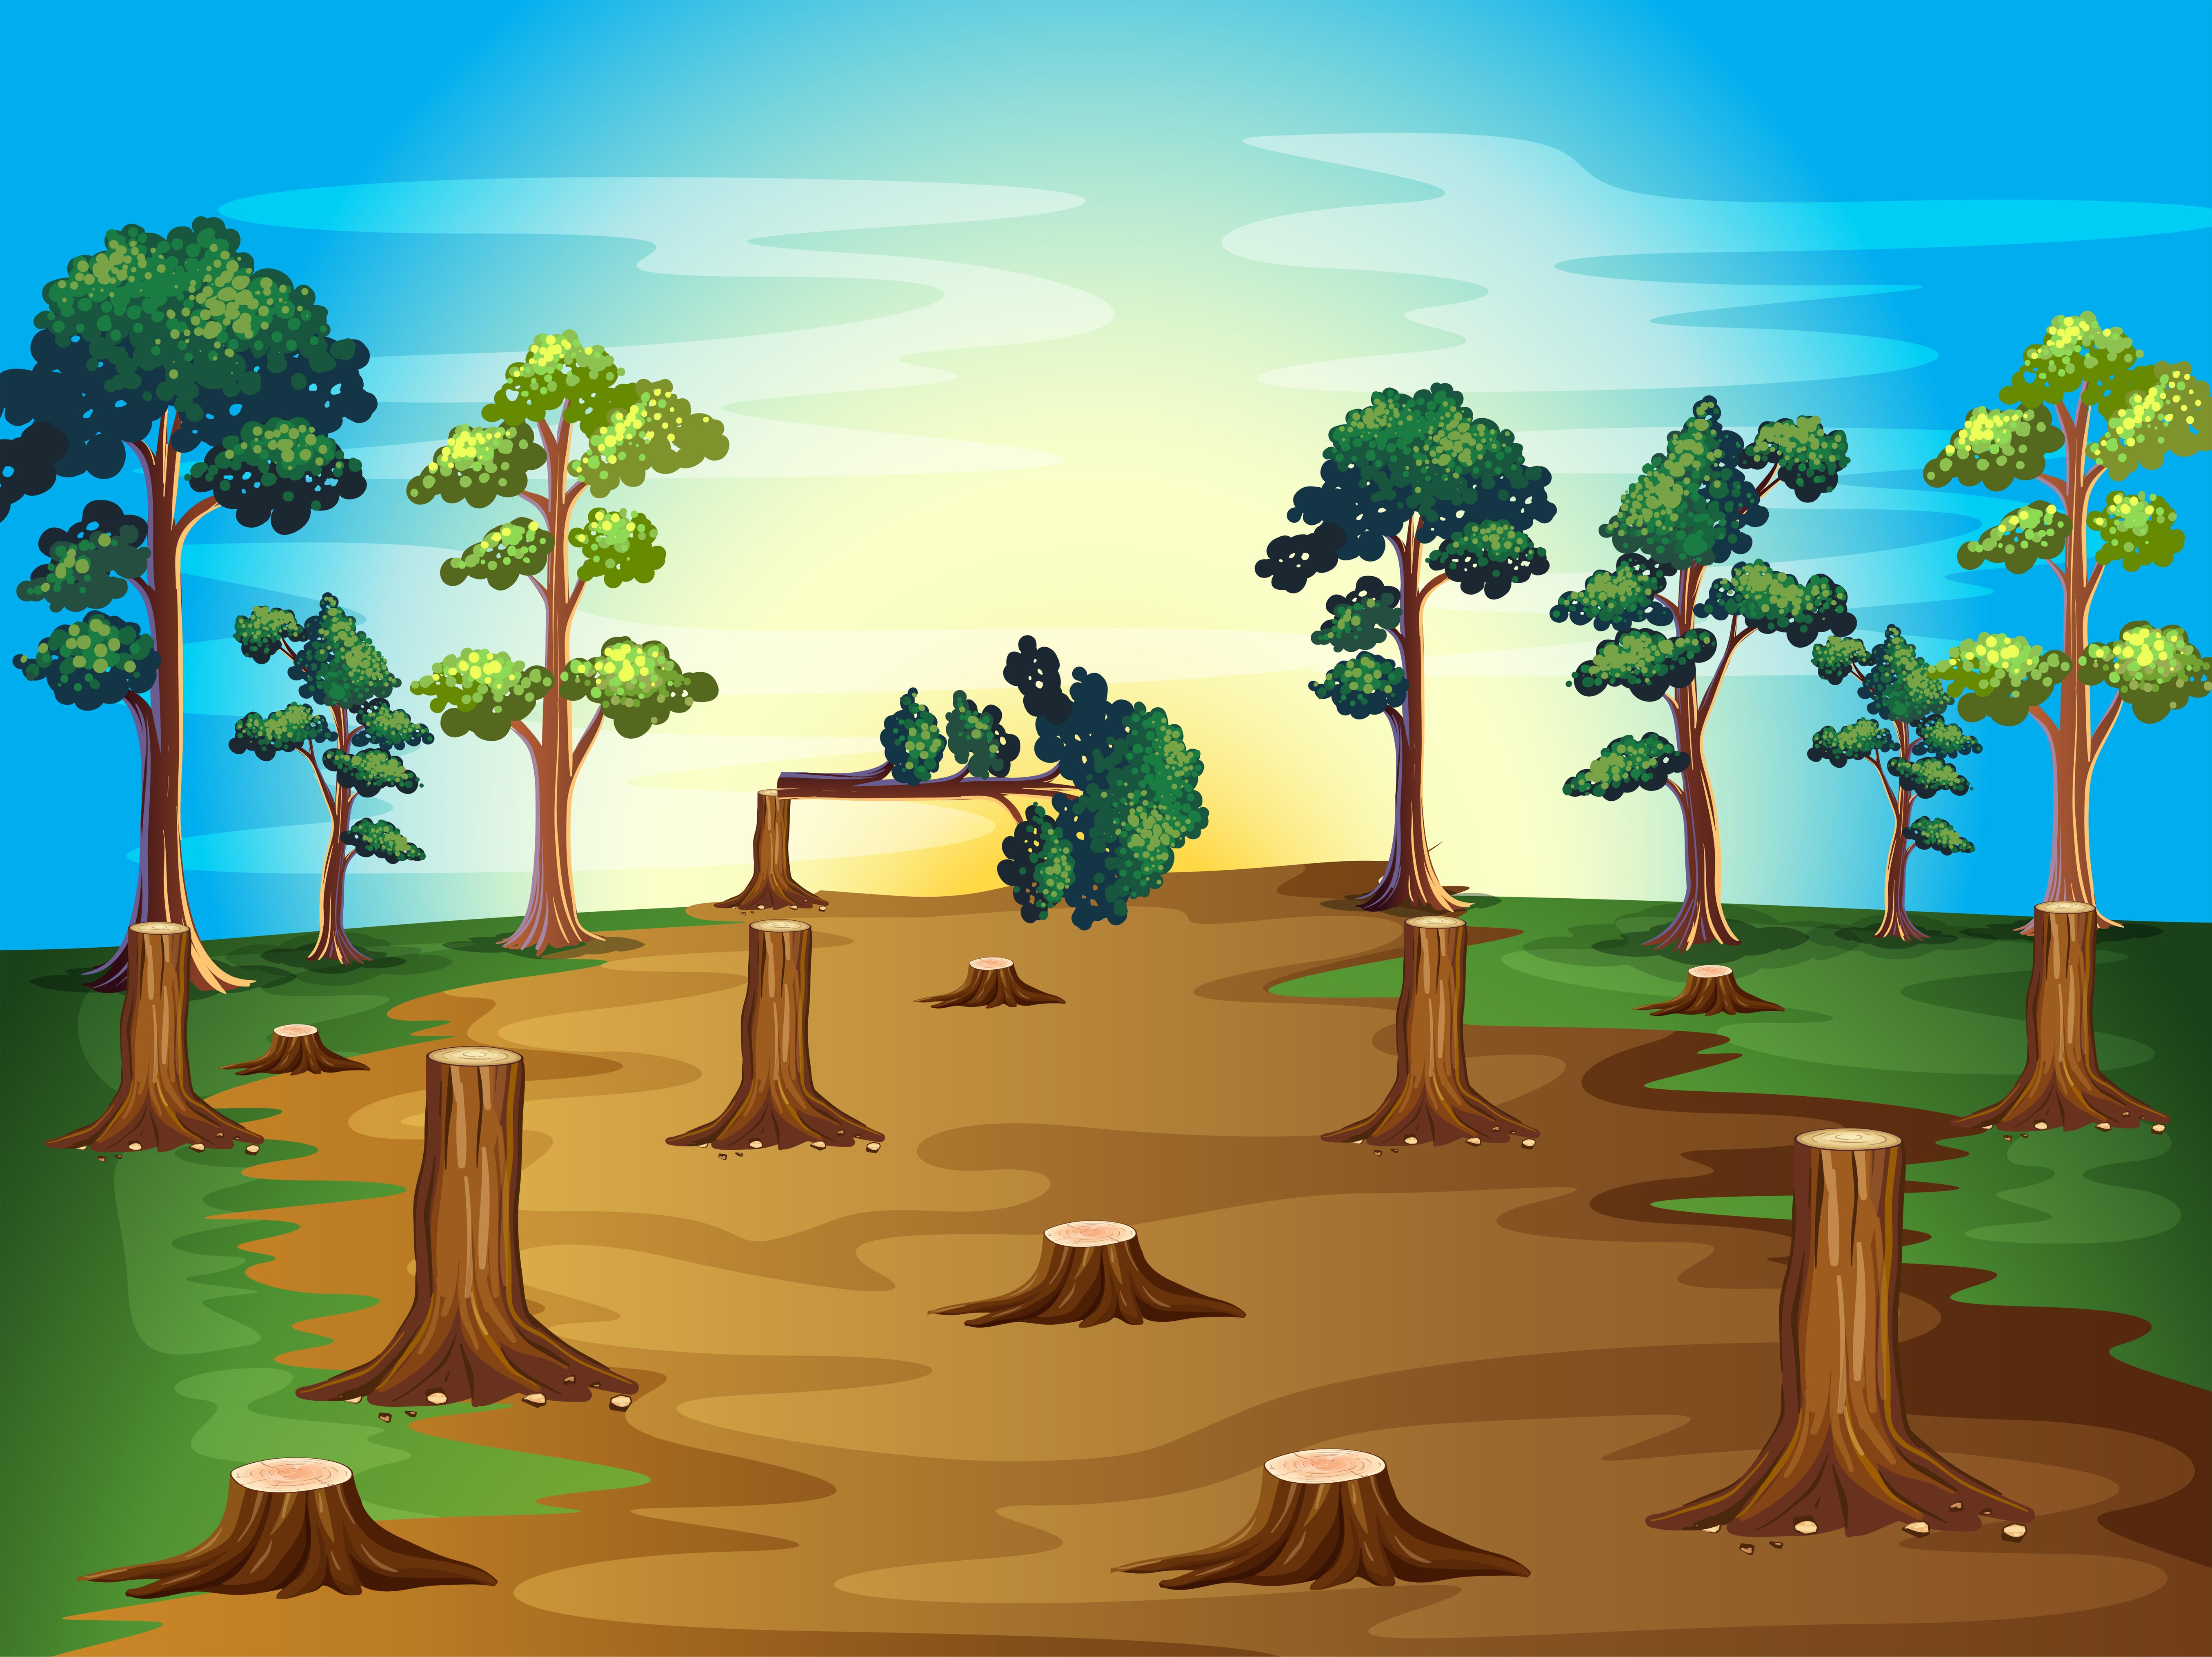 deforestation scene at sunset